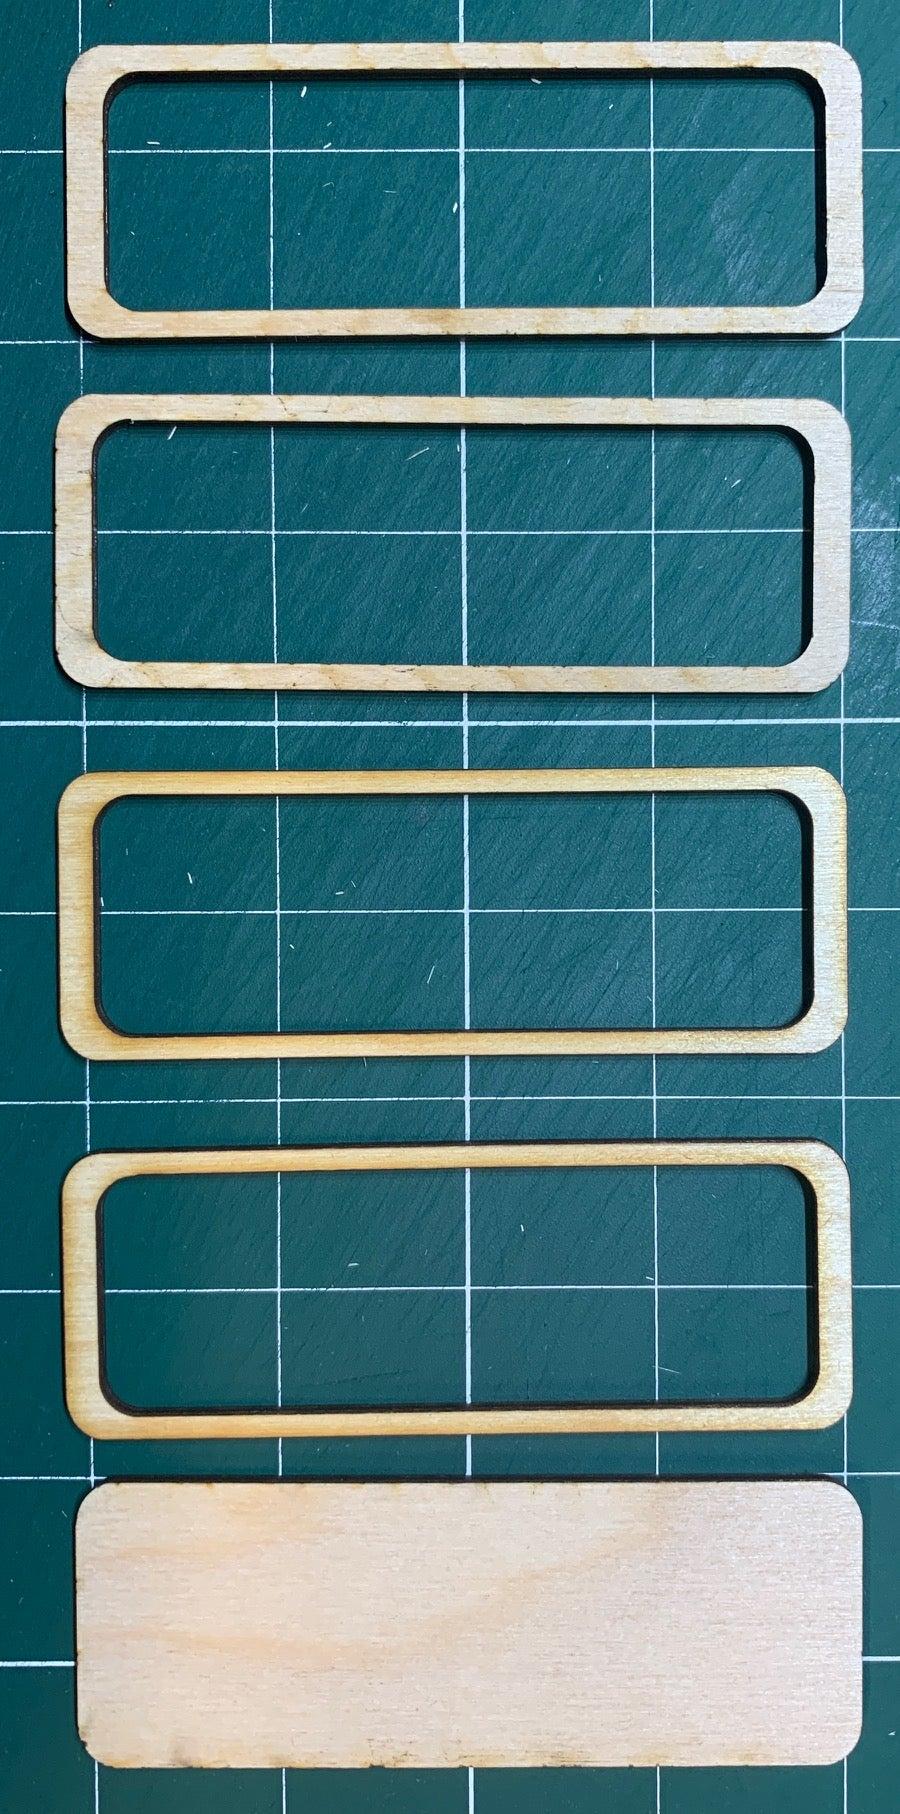 Glue the Tray